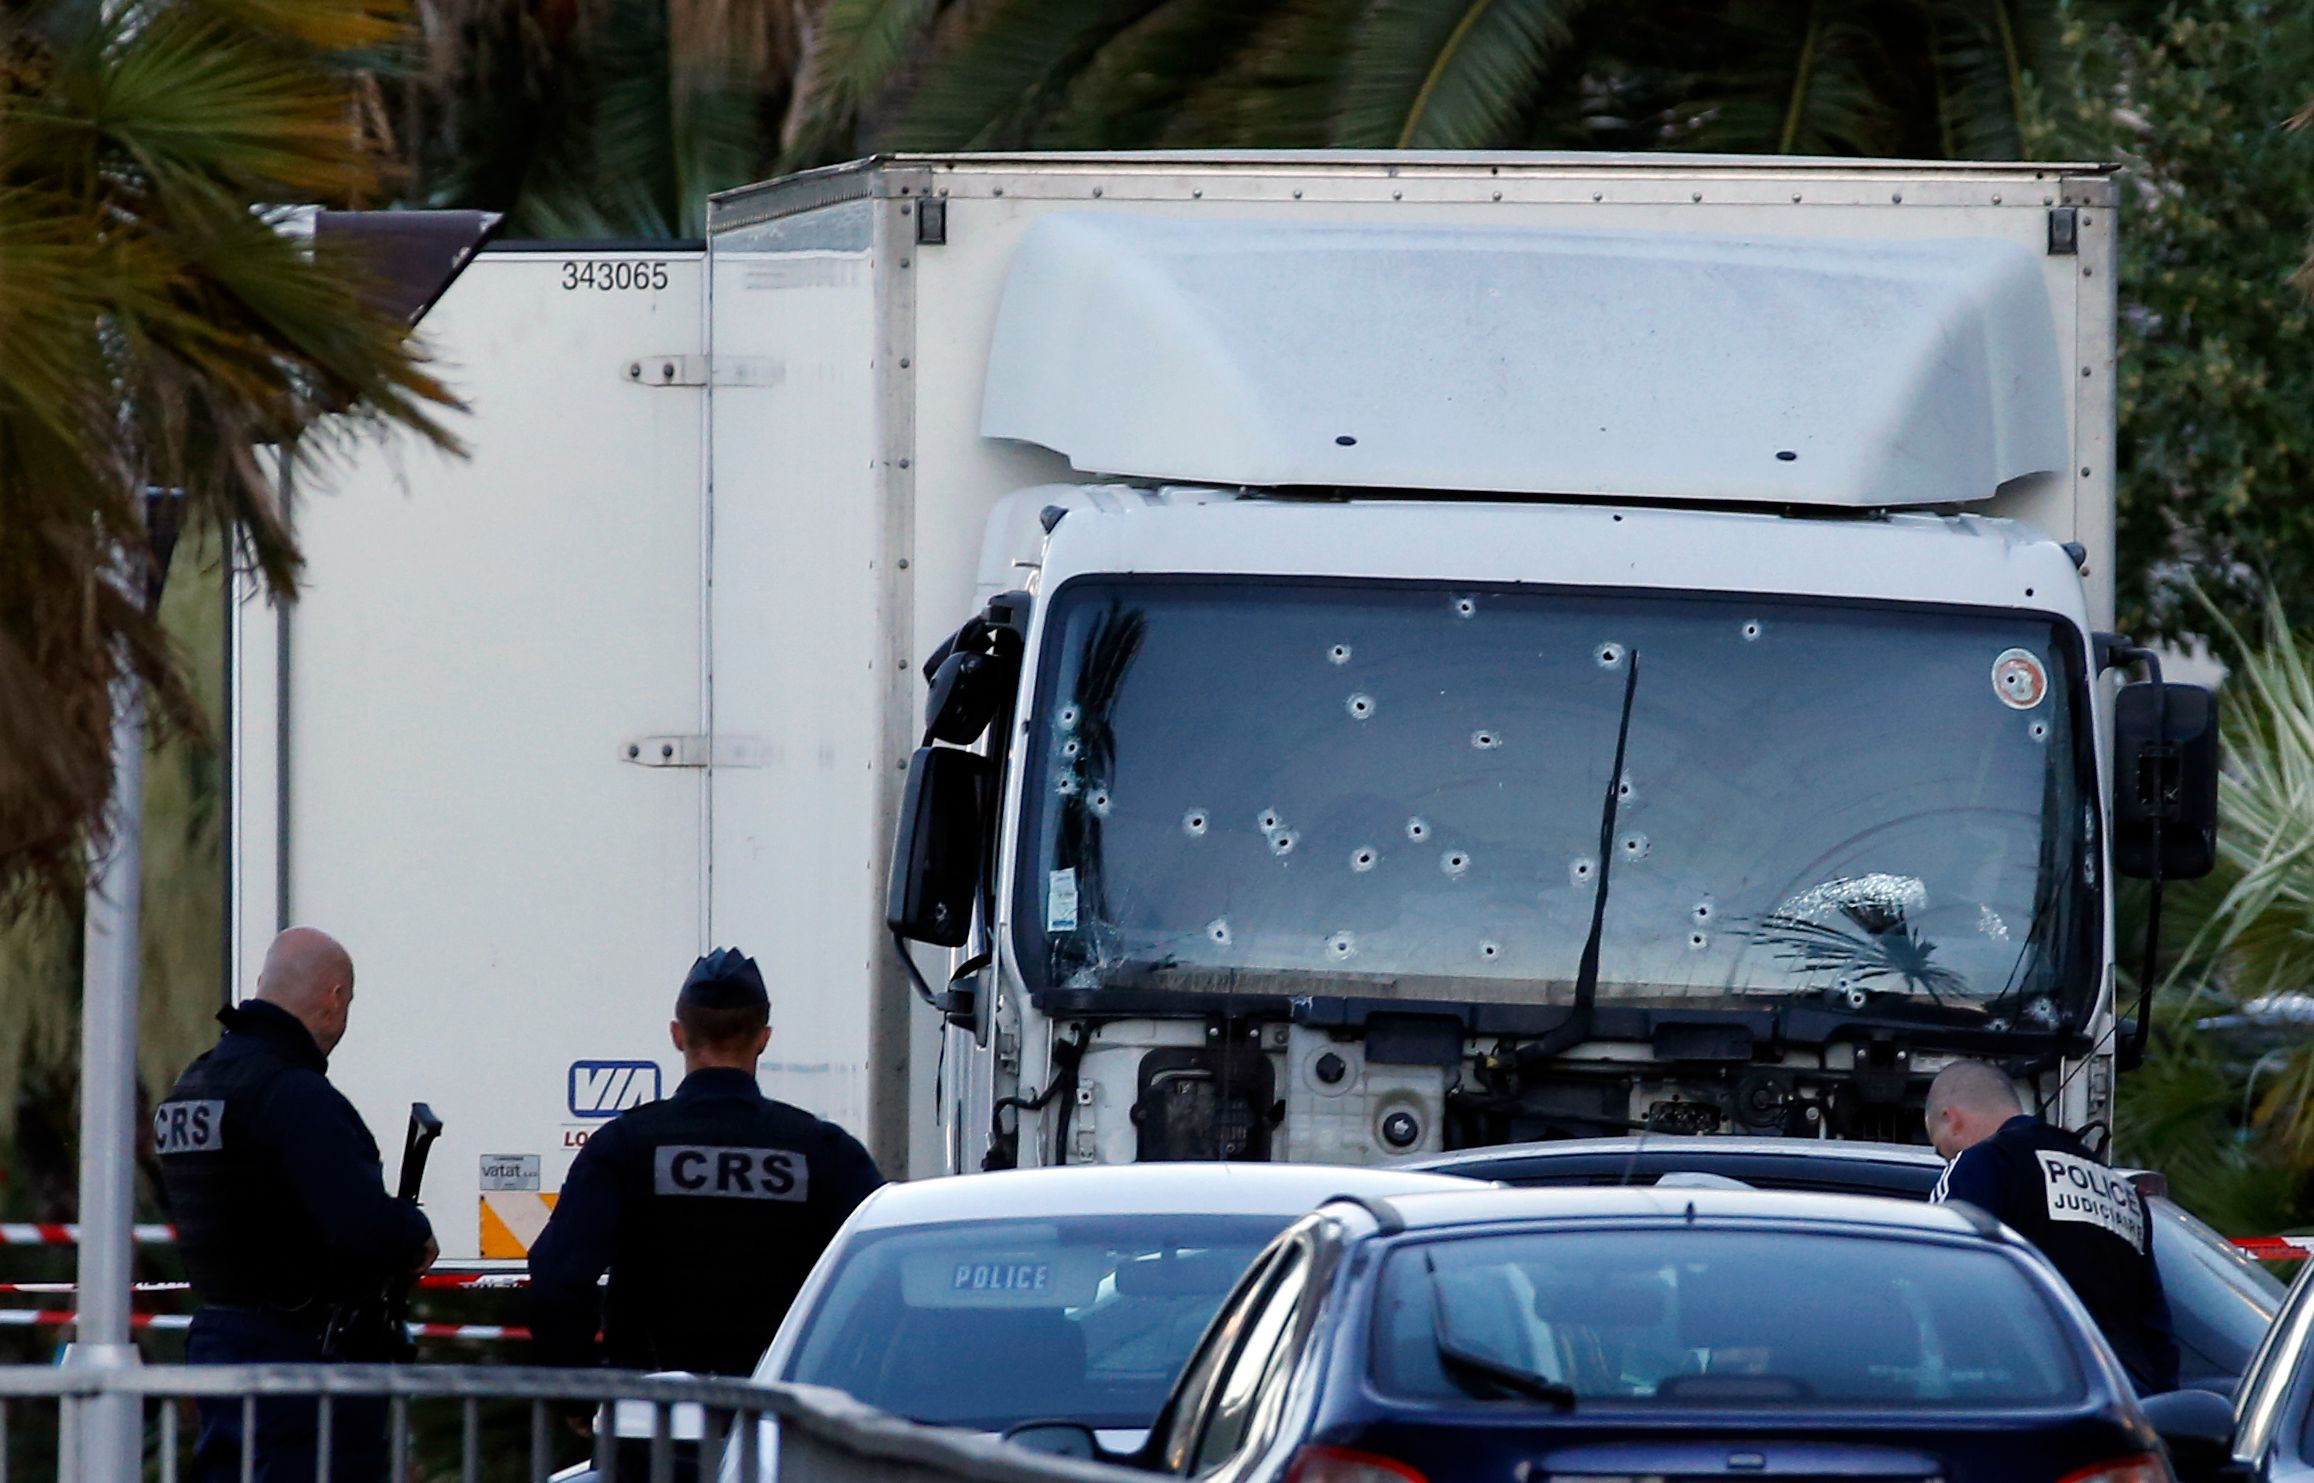 Attentat de Nice : le tueur aurait préparé l'attaque depuis plusieurs mois